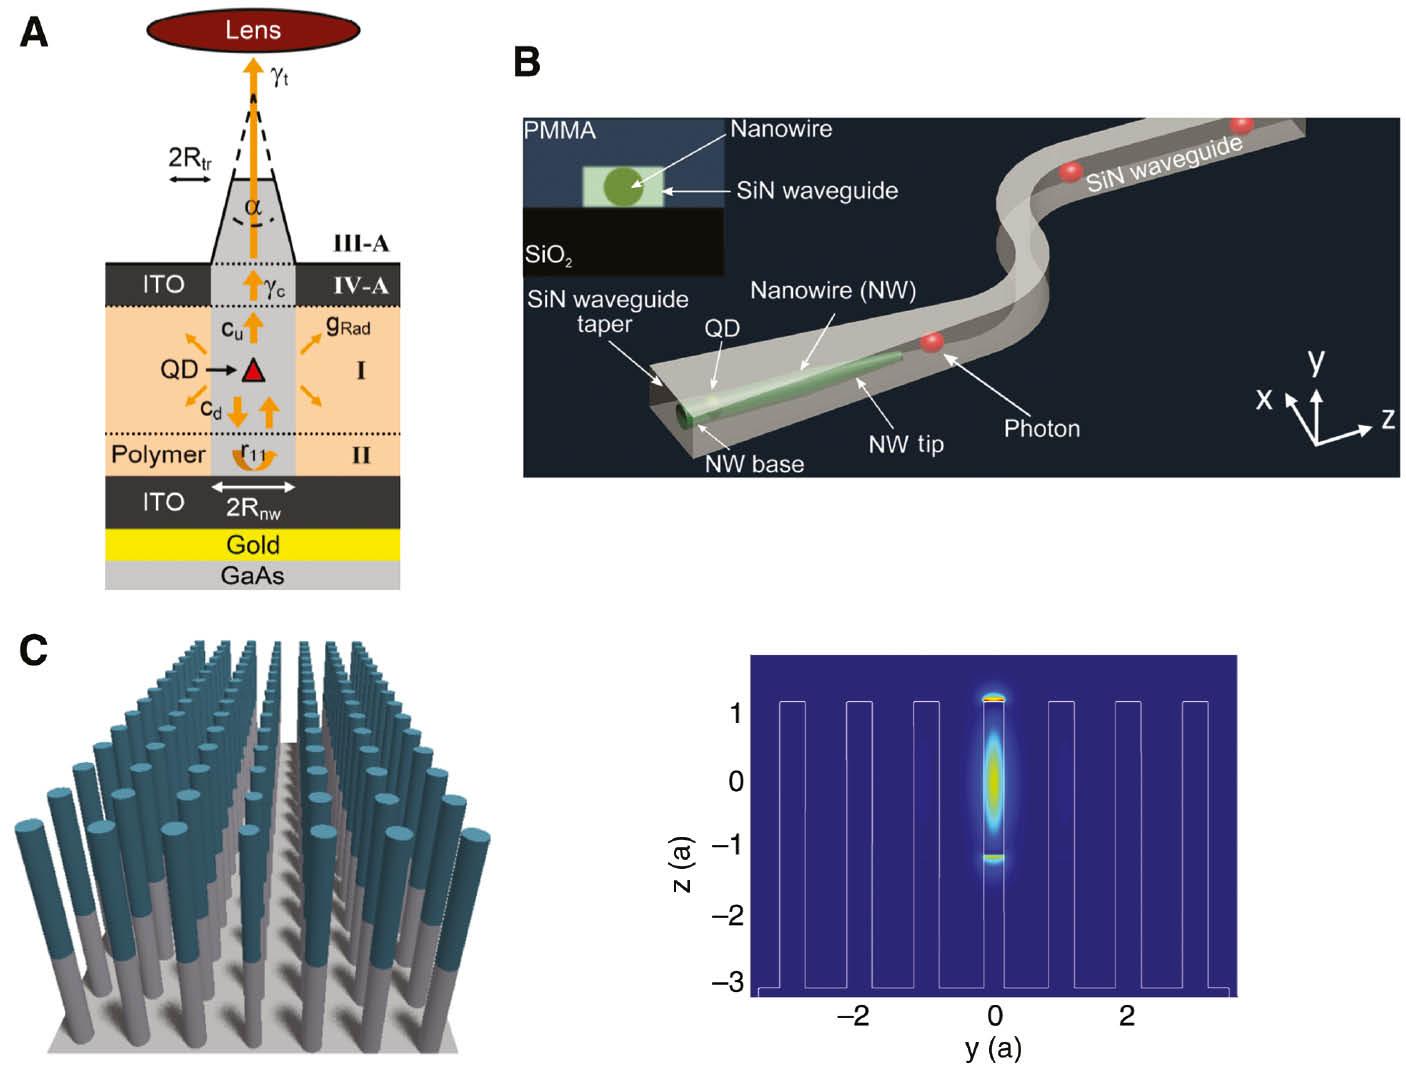 Физики из Германии нашли способ объединить квантовую криптографию с полупроводниковыми технологиями - 2